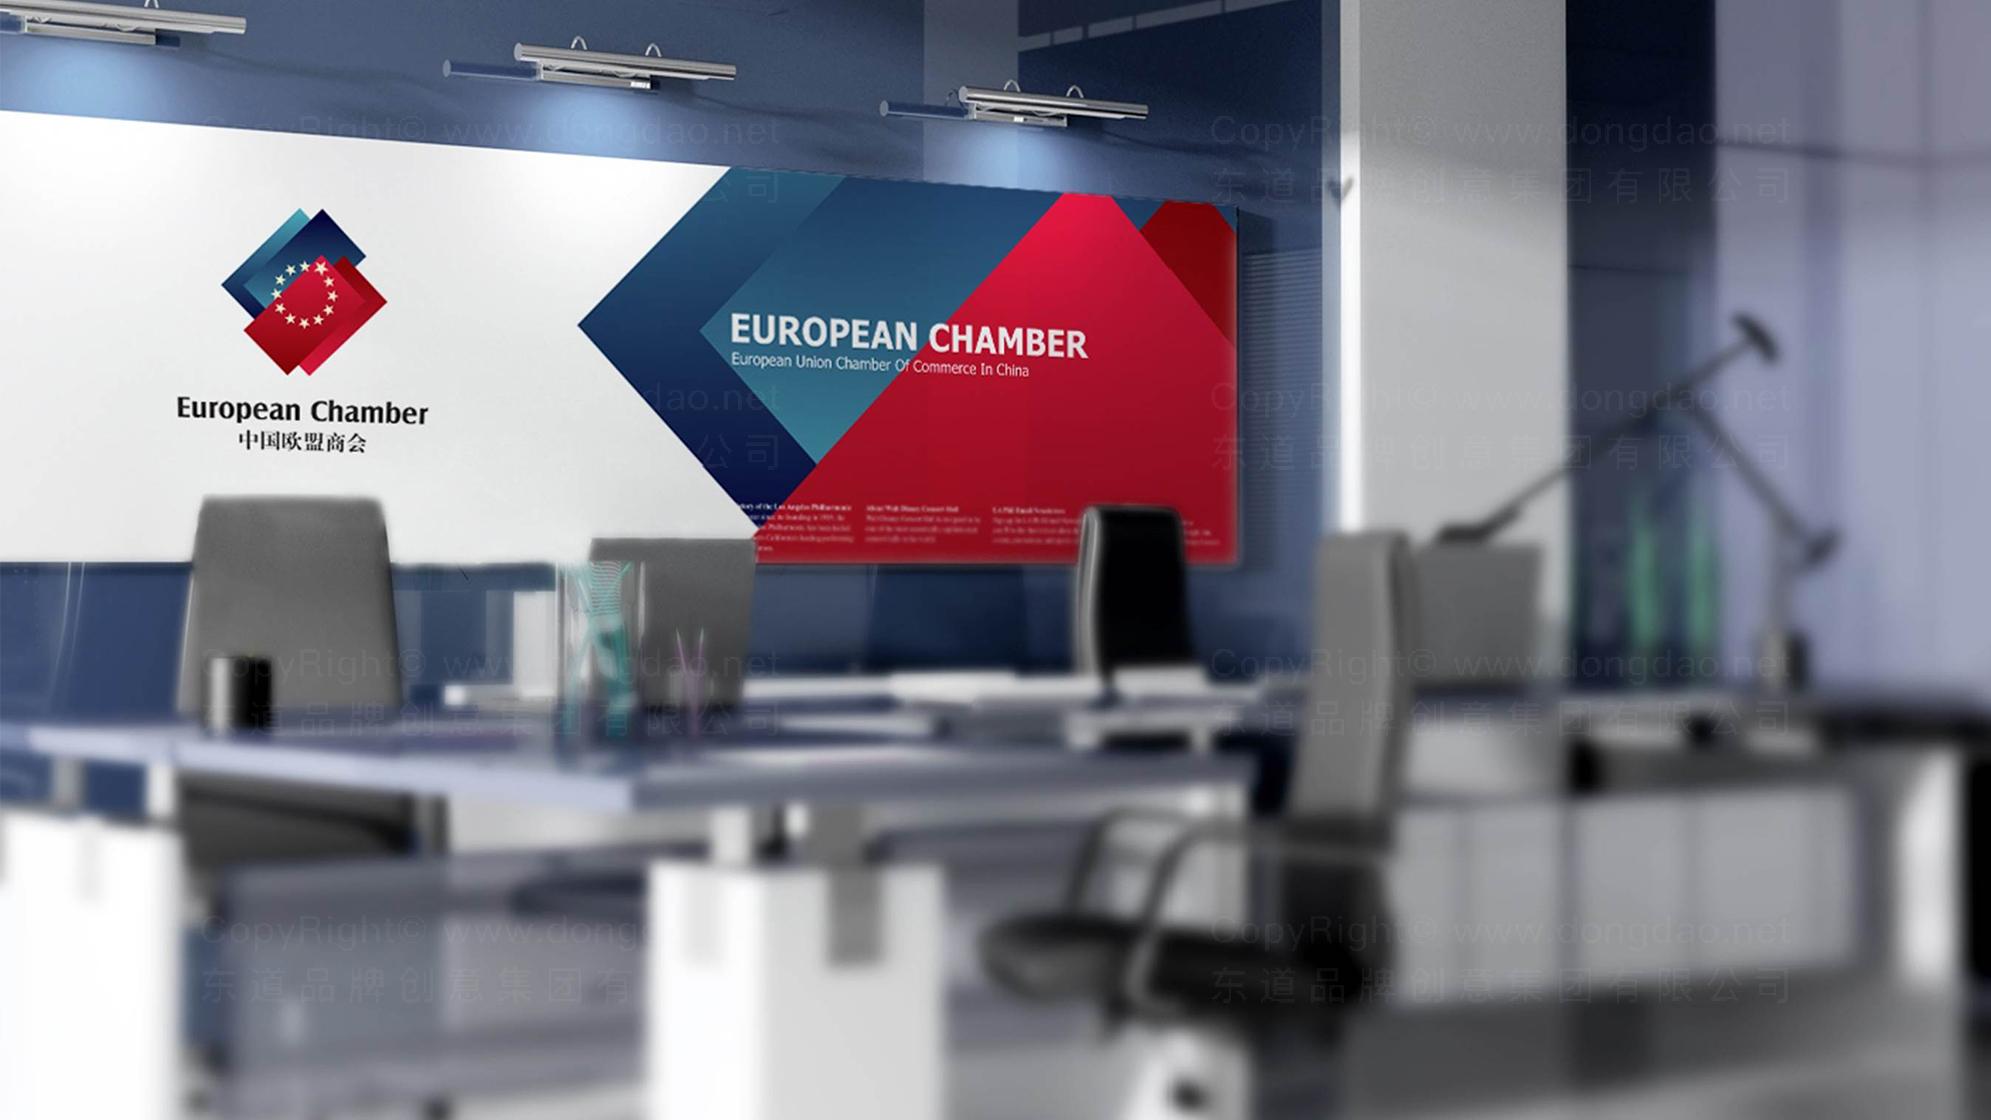 中国欧盟商会LOGO设计、VI设计应用场景_3